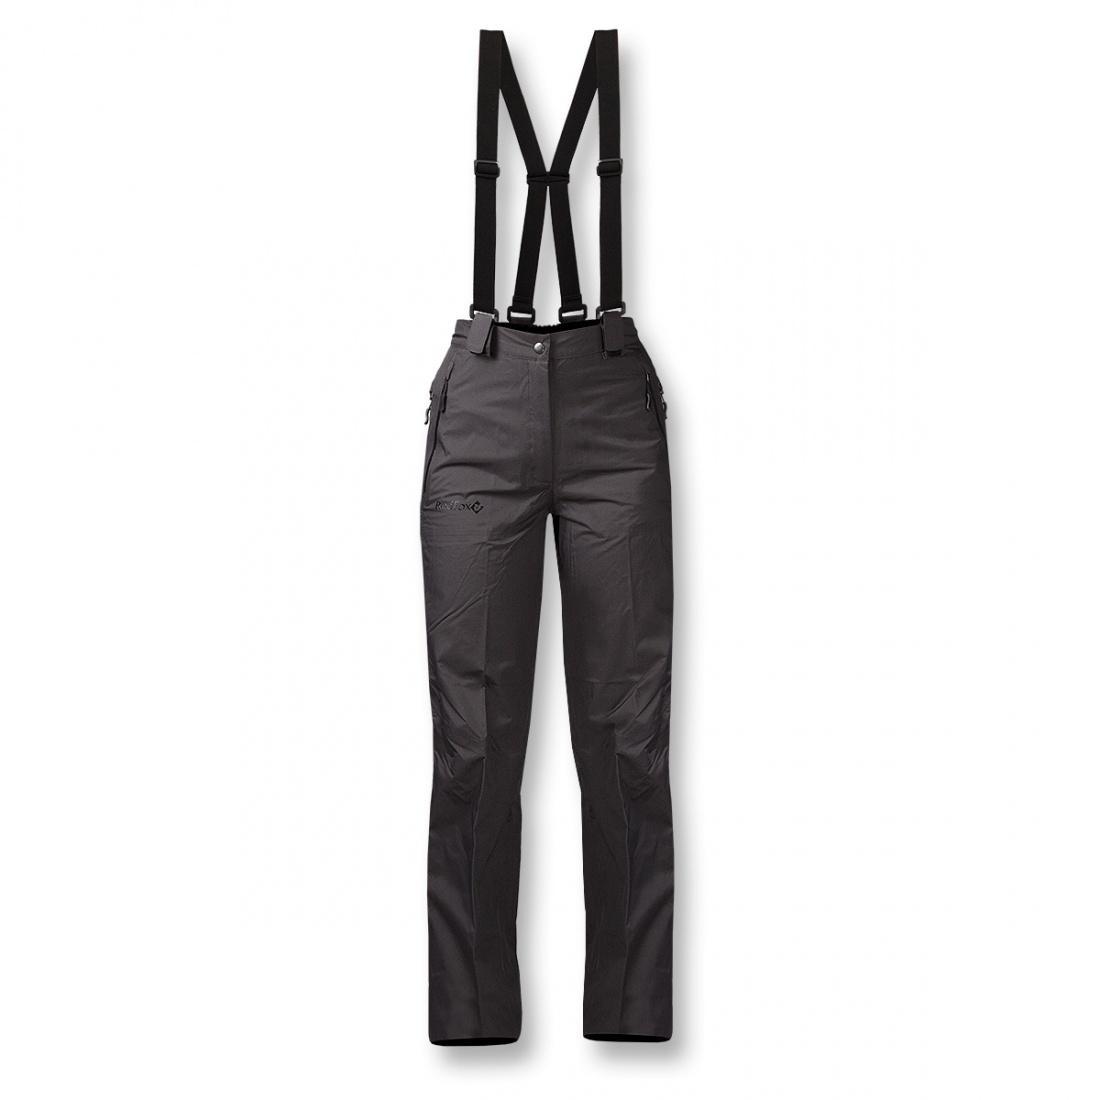 Брюки ветрозащитные Valencia ЖенскиеБрюки, штаны<br>Легкие штормовые брюки для женщин.  <br> <br> Серия Nordic Style <br>Треккинг, загородные выезды в дождливую погоду <br>Материал: Dry Factor 10000 2...<br><br>Цвет: Черный<br>Размер: 42